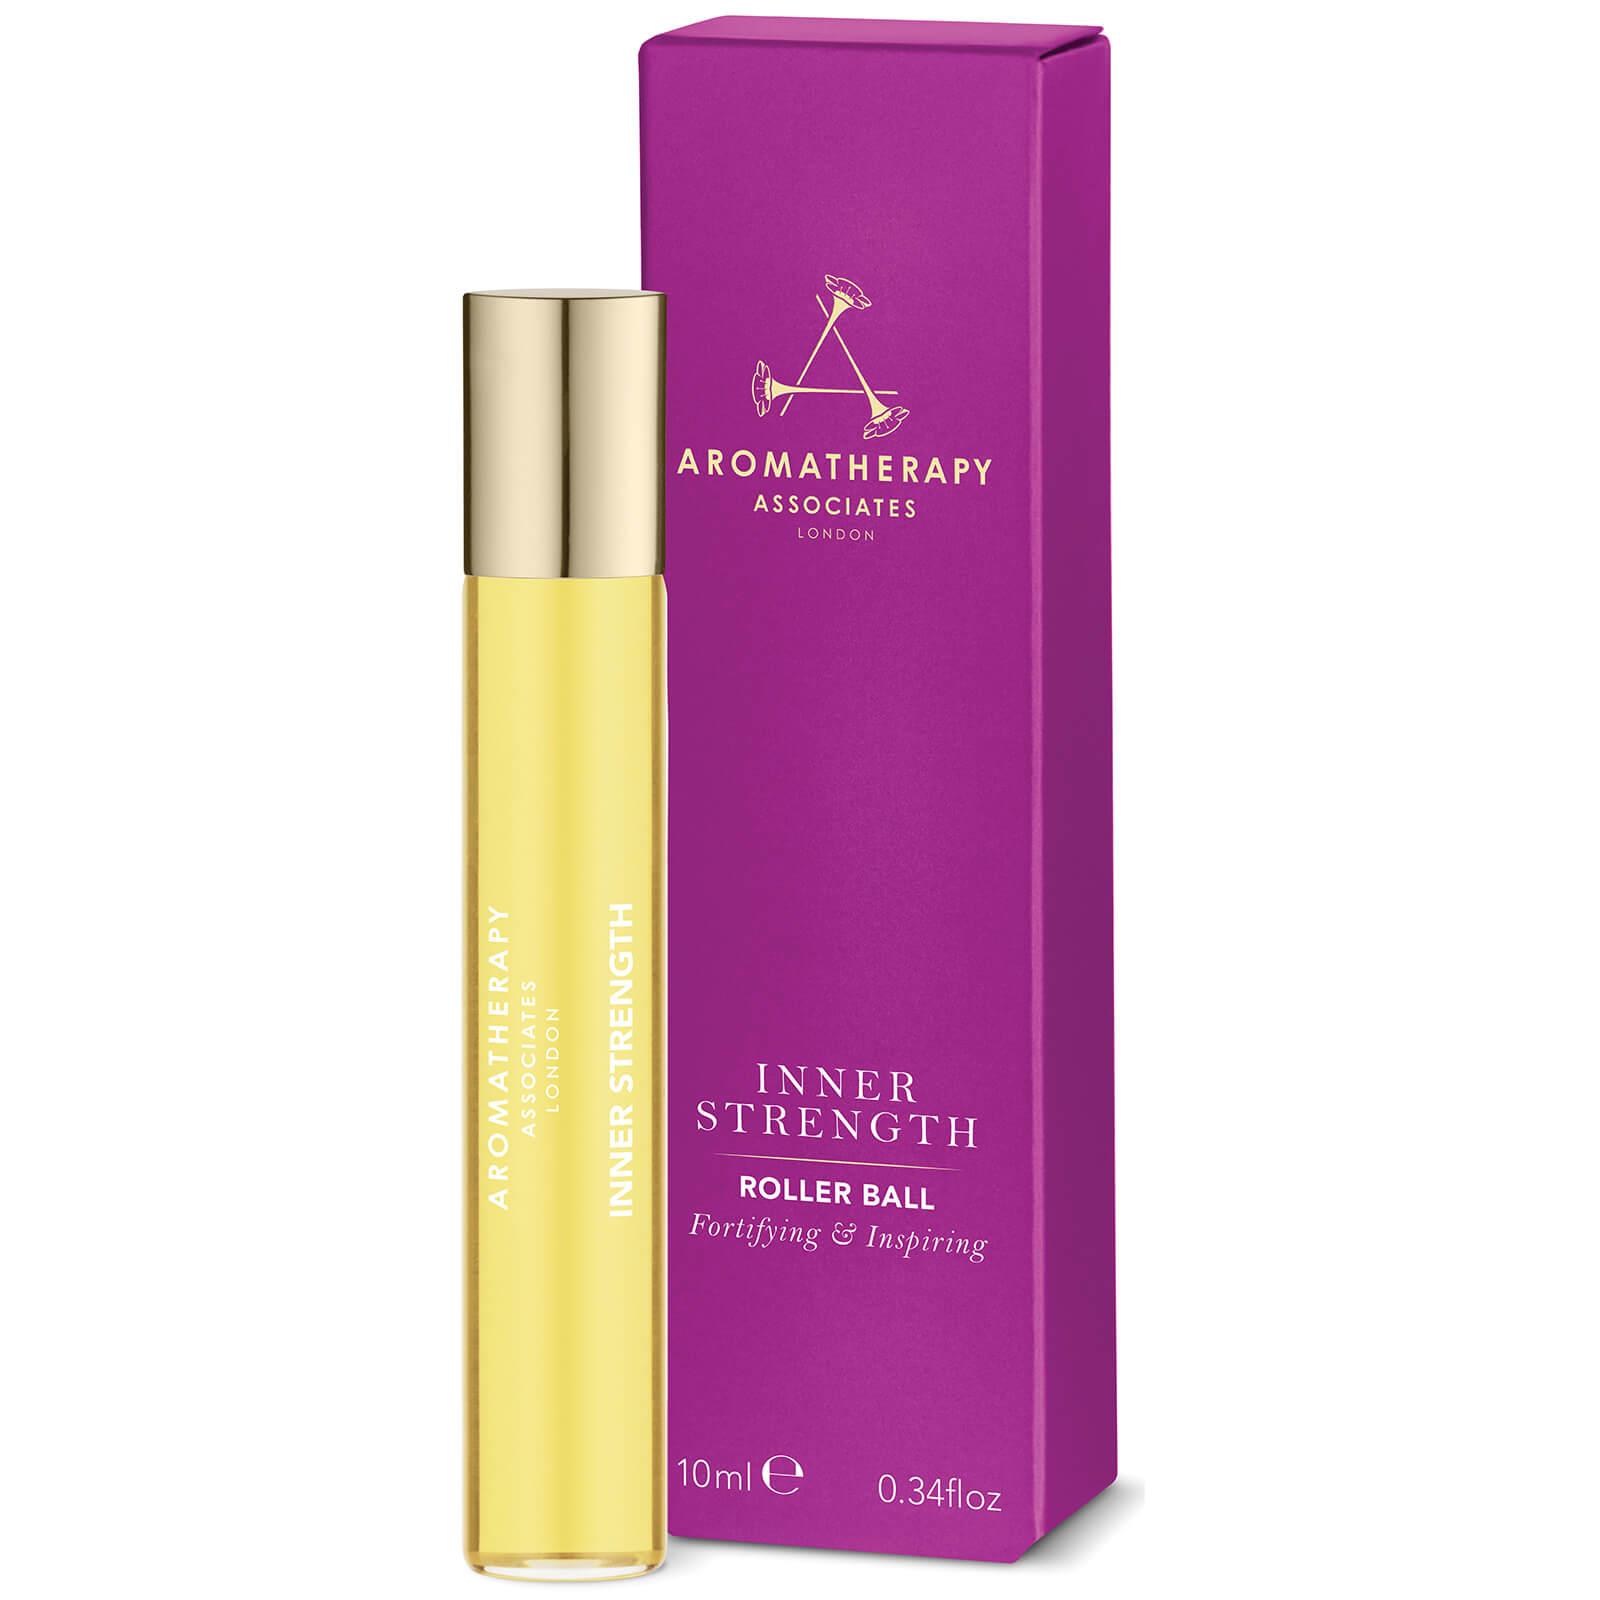 Купить Шариковое парфюмерное средство для восстановления внутреннего баланса Aromatherapy Associates Inner Strength Roller Ball 10 мл